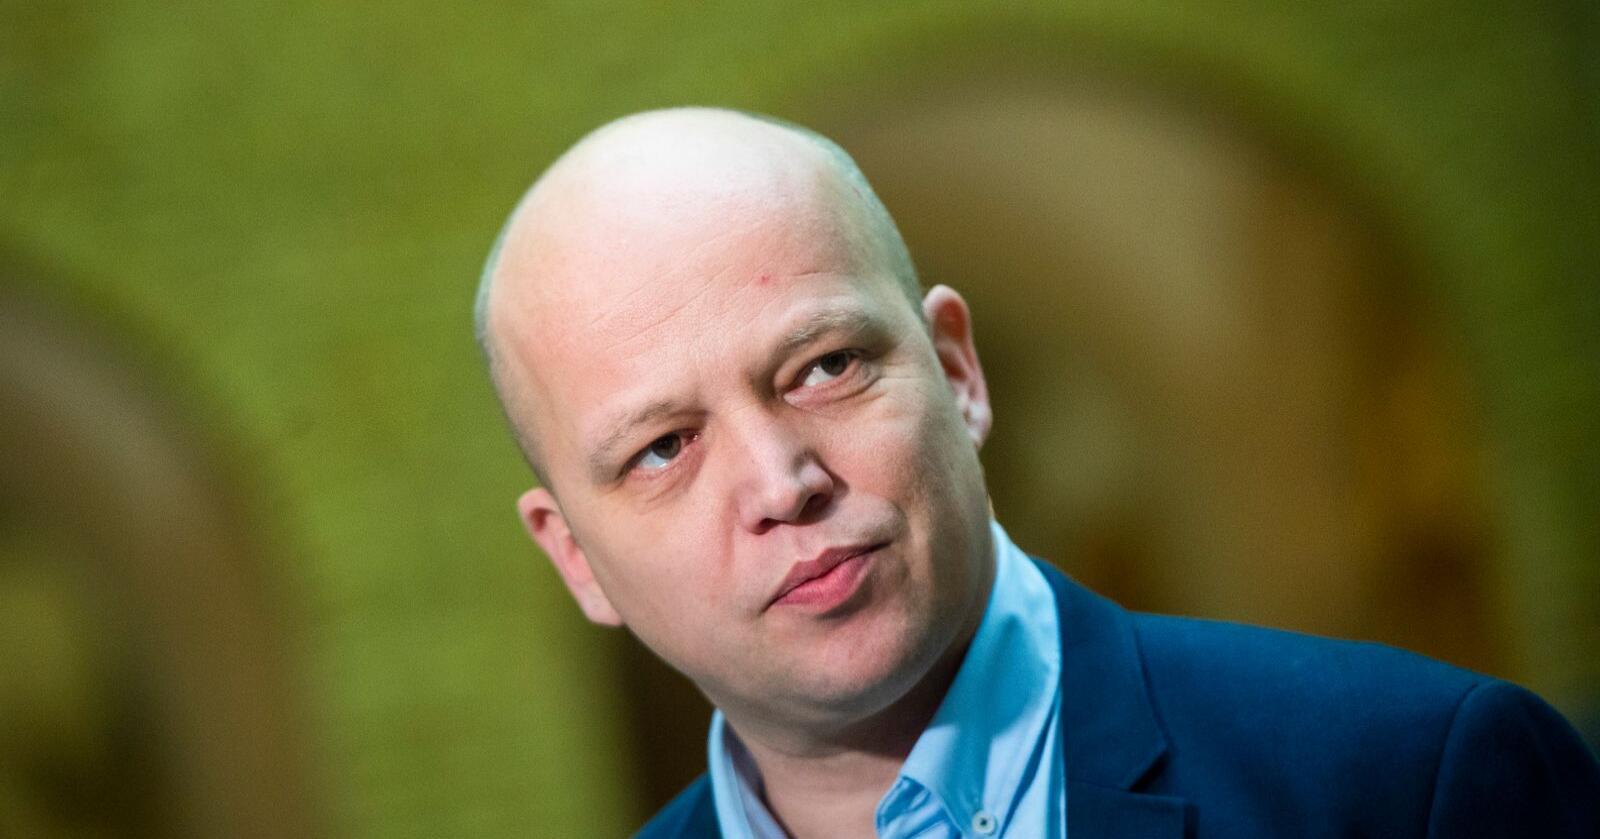 Leder i Senterpartiet, Trygve Slagsvold Vedum, legger onsdag fram et forslag om å opprette et norsk kornlager. Foto: Fredrik Varfjell / NTB scanpix